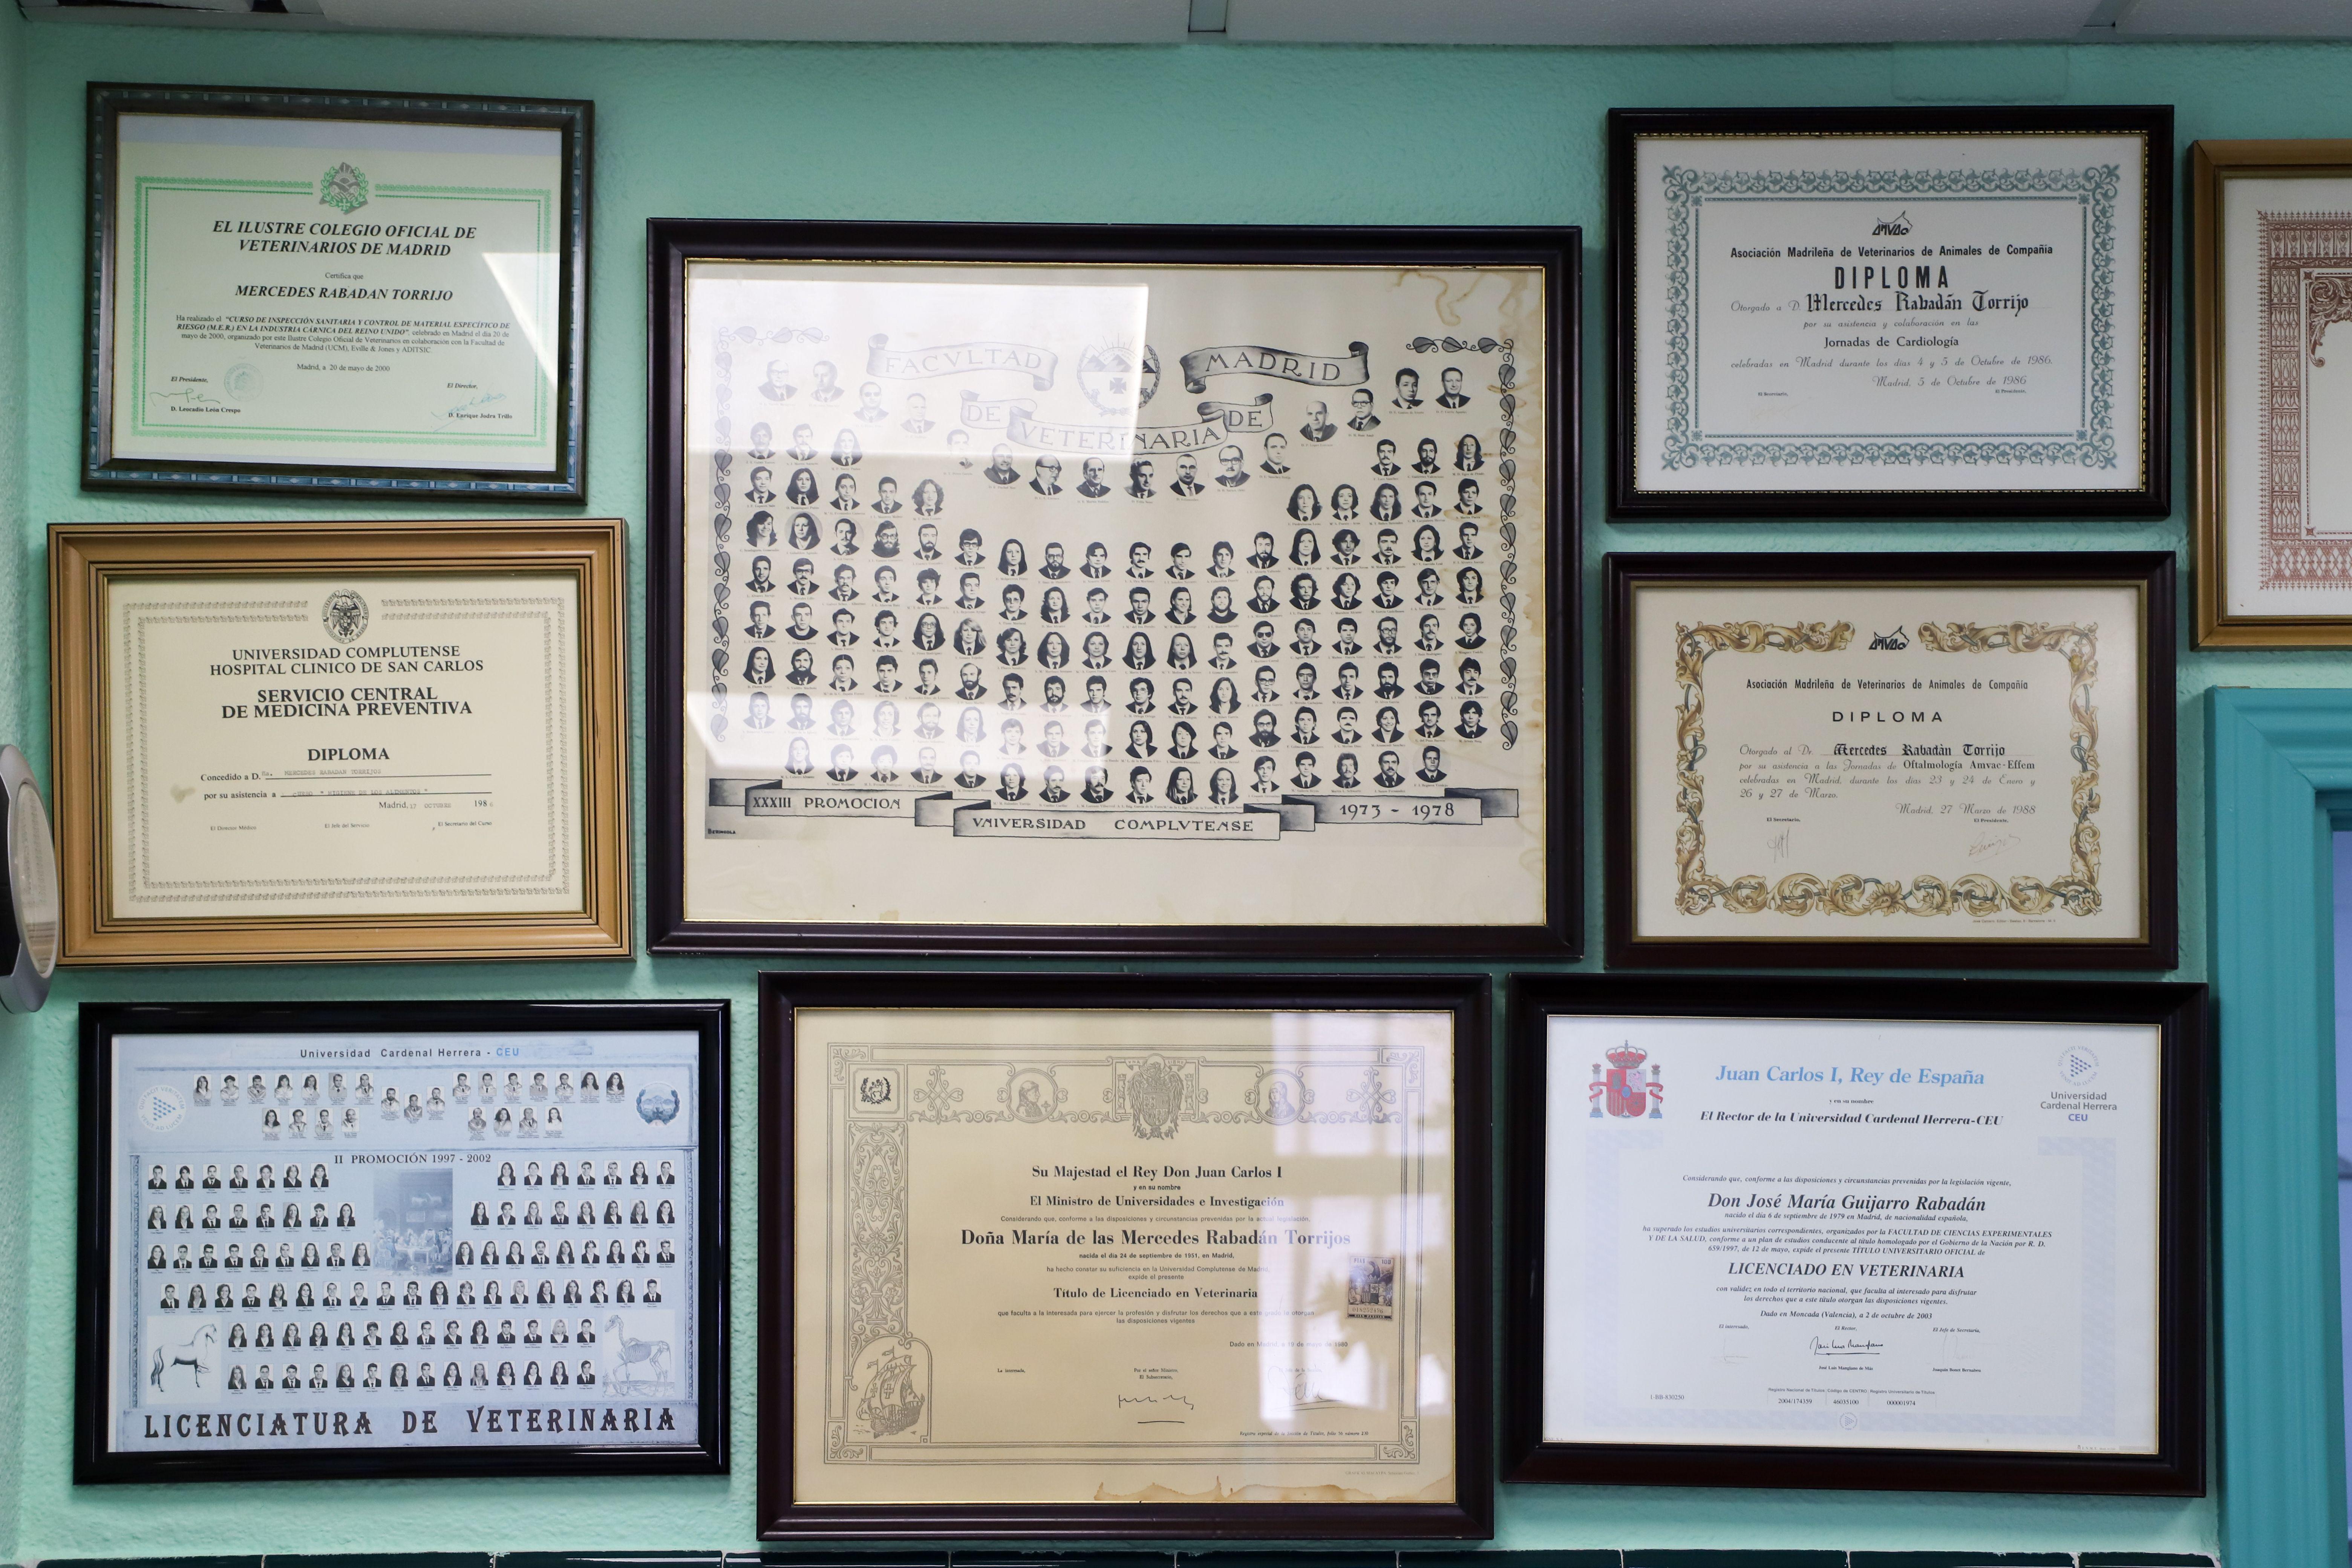 Diplomas obtenidos por la Clínica Veterinaria Doberman